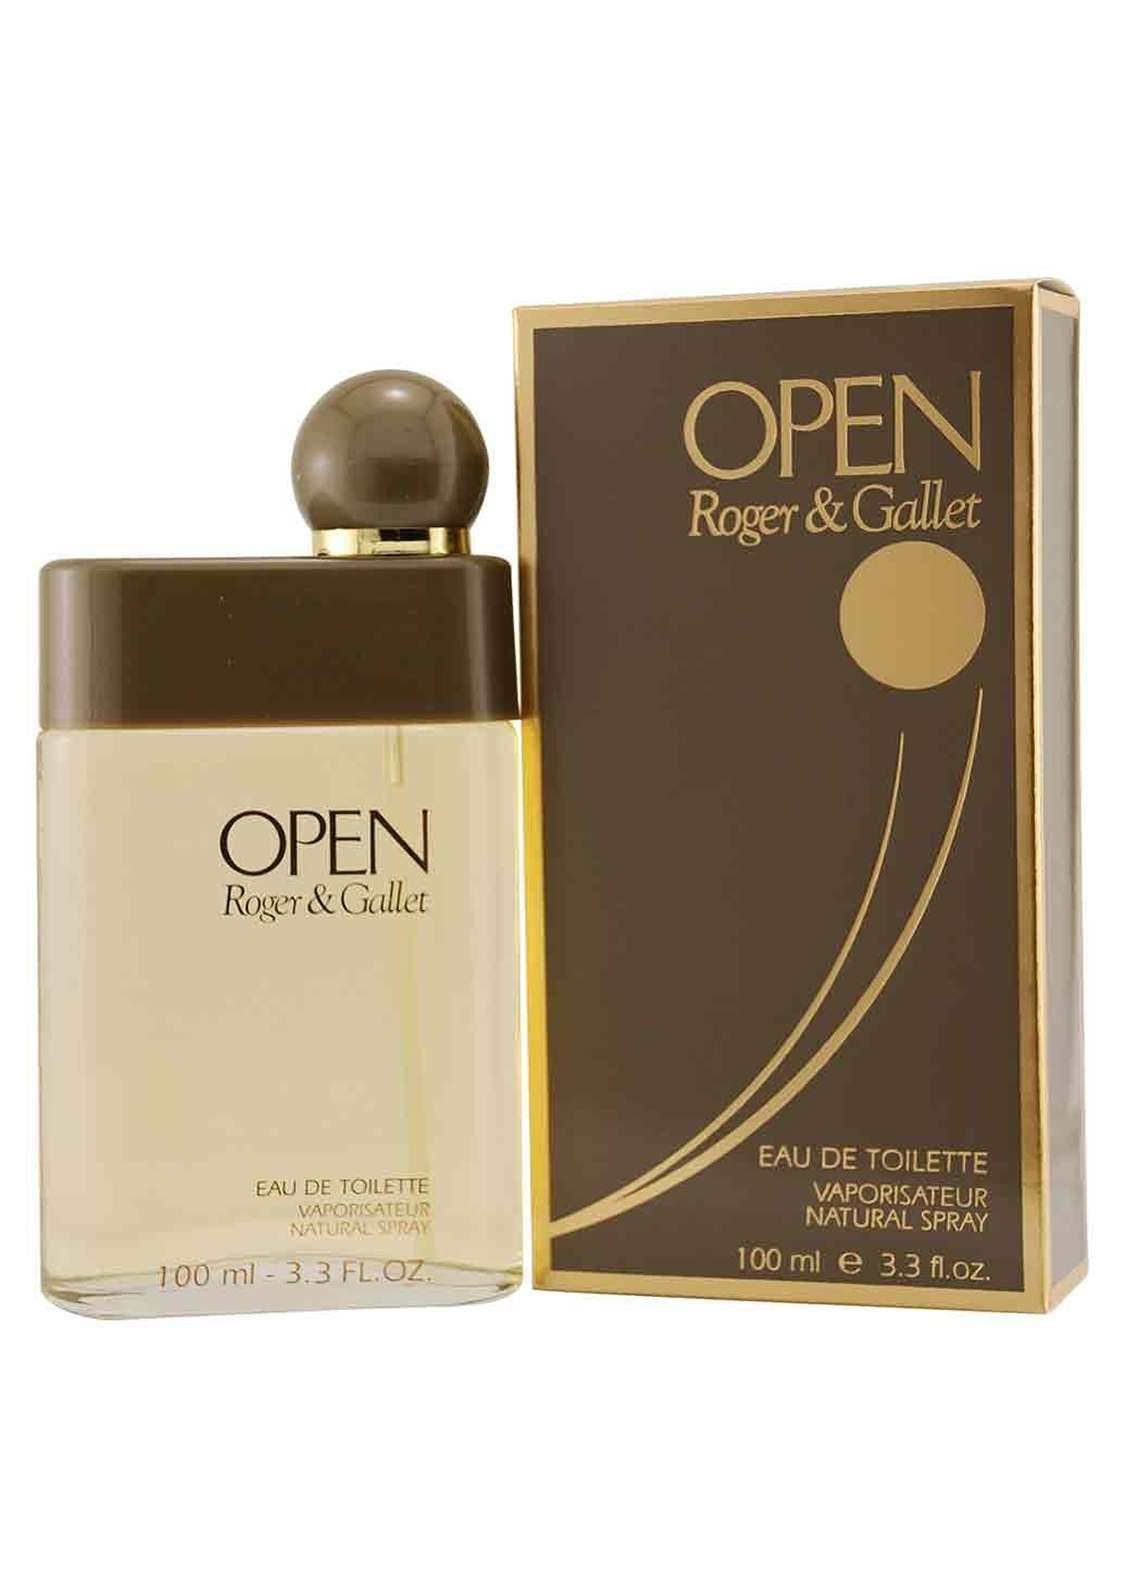 Roger & Gallet Open Vaporisateur Natural Spray men's perfume EDT